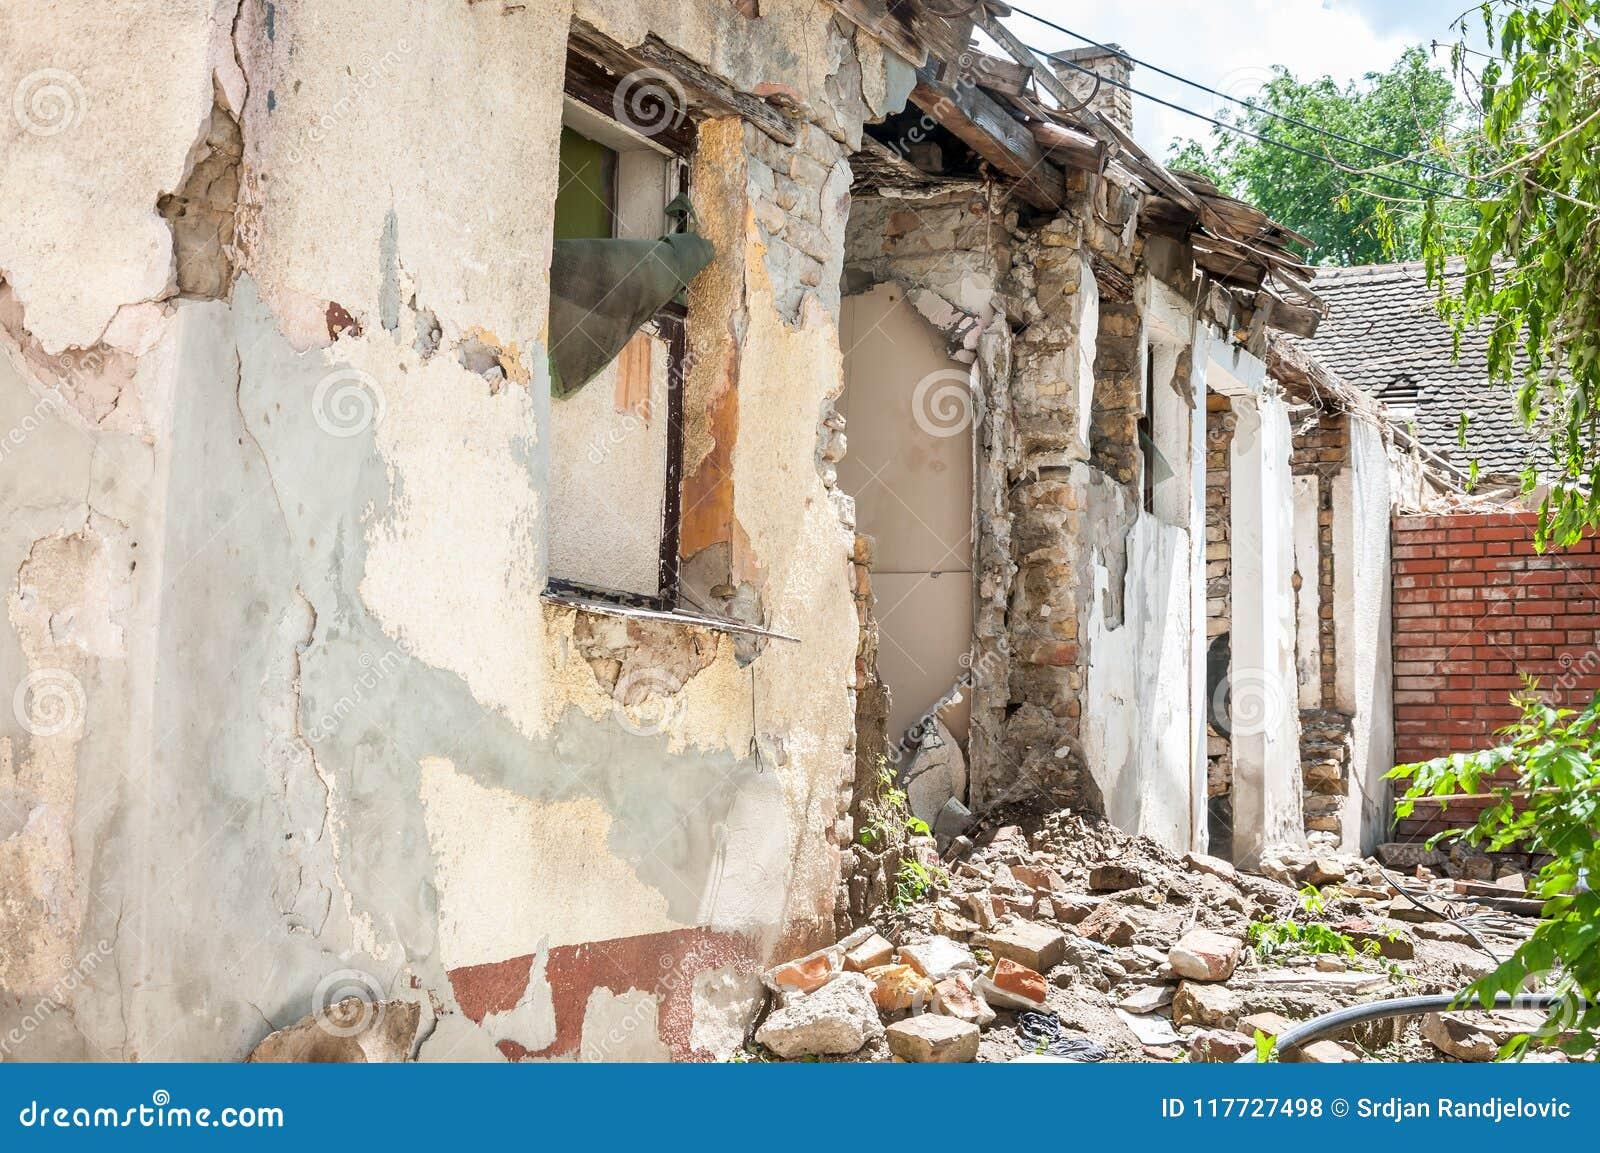 Катастрофа отавы после бедствия урагана или войны повредила и загубила свойство дома с кирпичами и треснутым гипсолитом